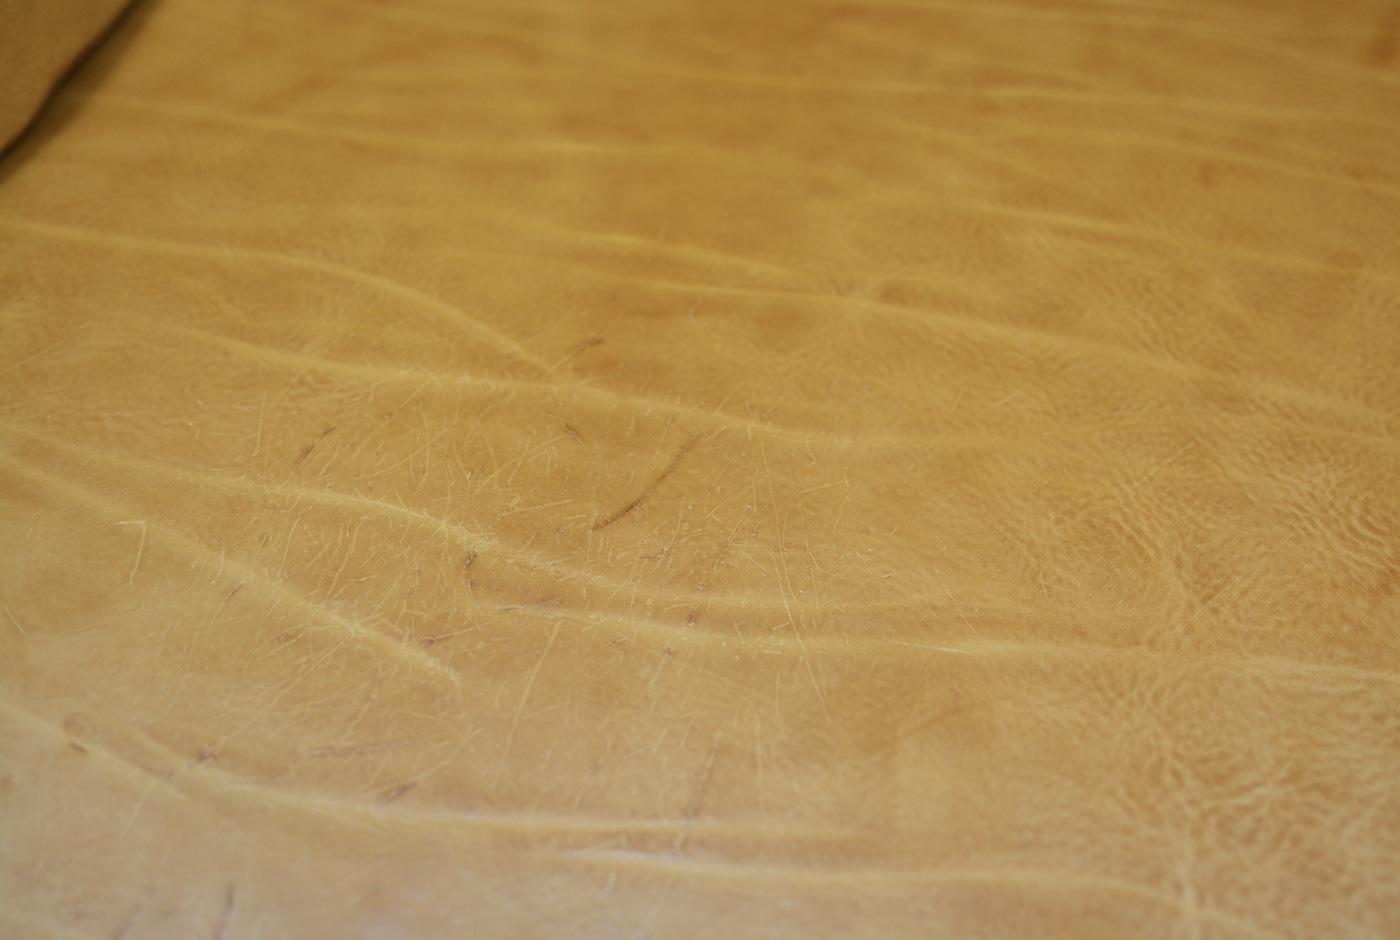 プルアップレザーの革質